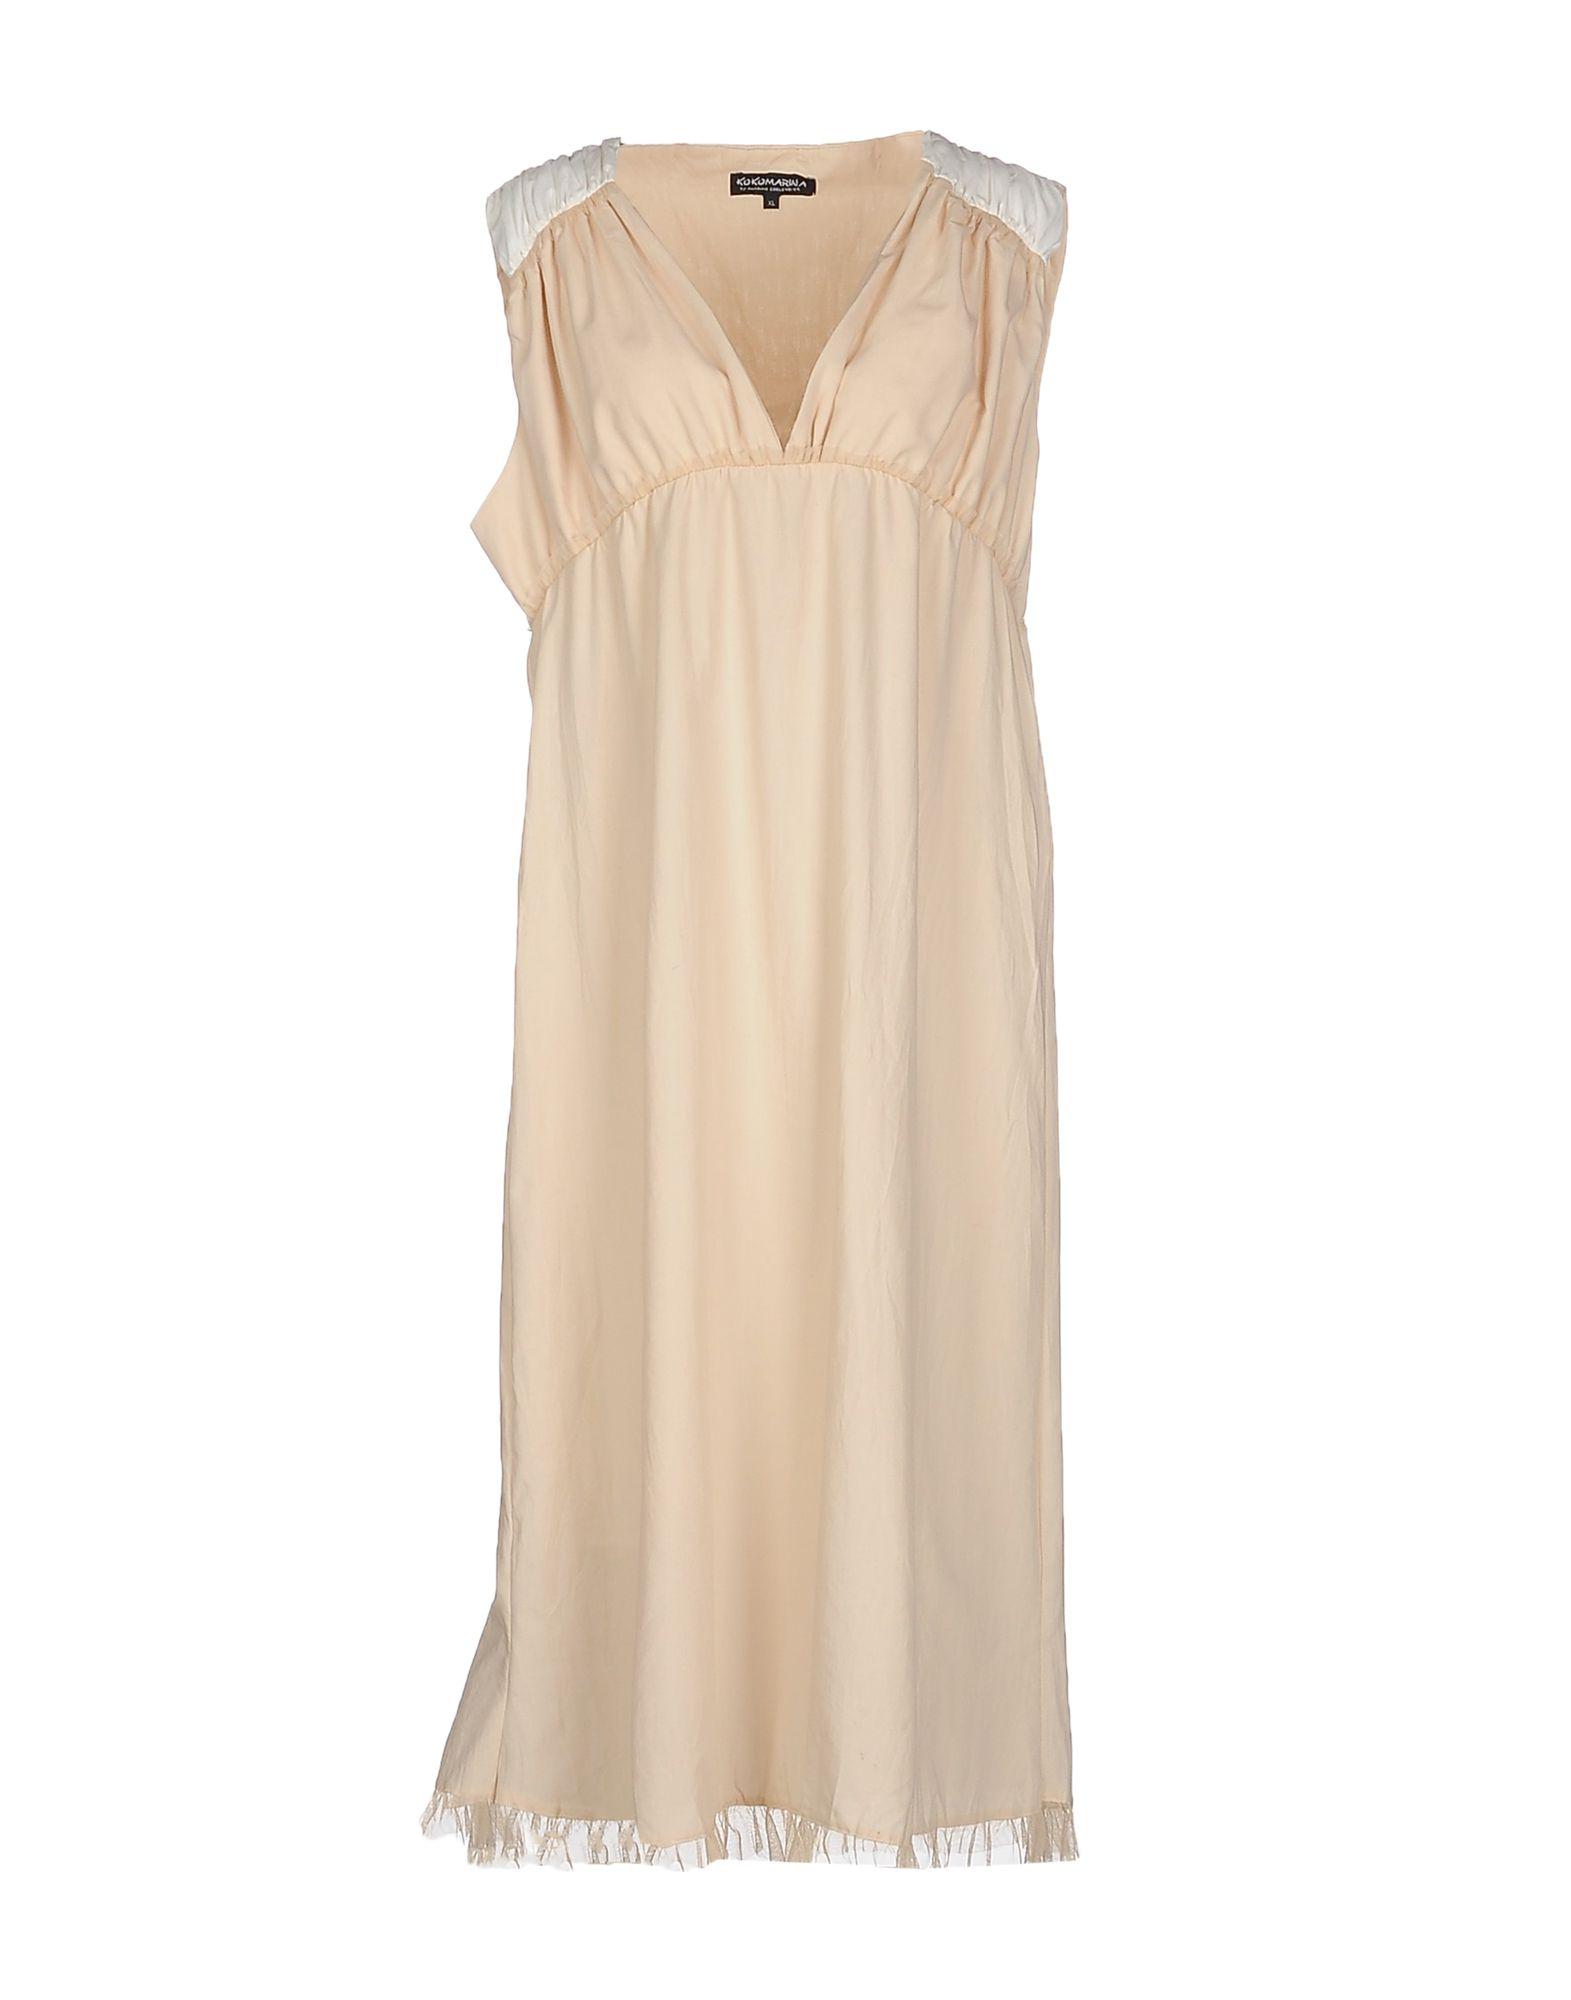 KOKOMARINA by ANTOINE COELENBIER Платье длиной 3/4 платье туника otto цвет зеленый пейсли